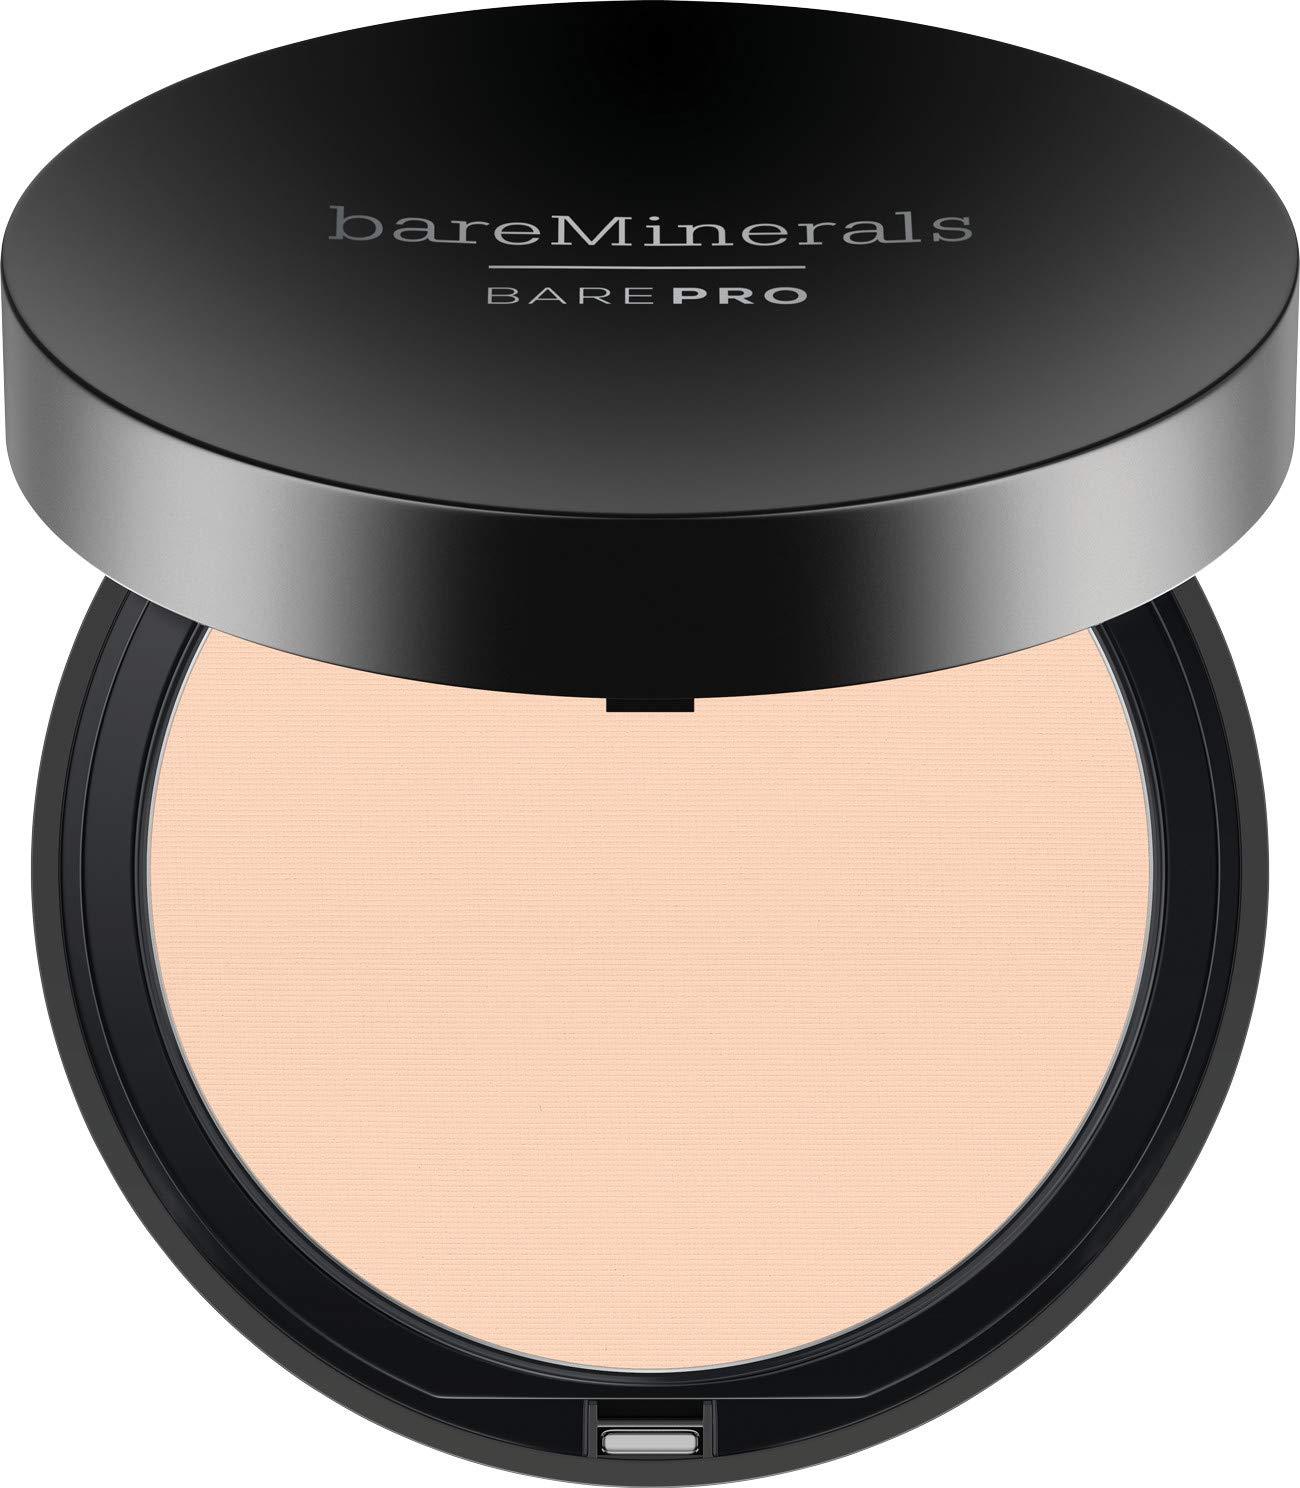 BareMinerals Bare Escentuals BarePro High- Performance Wear Powder Foundation, 0.34 oz 30 Cocoa